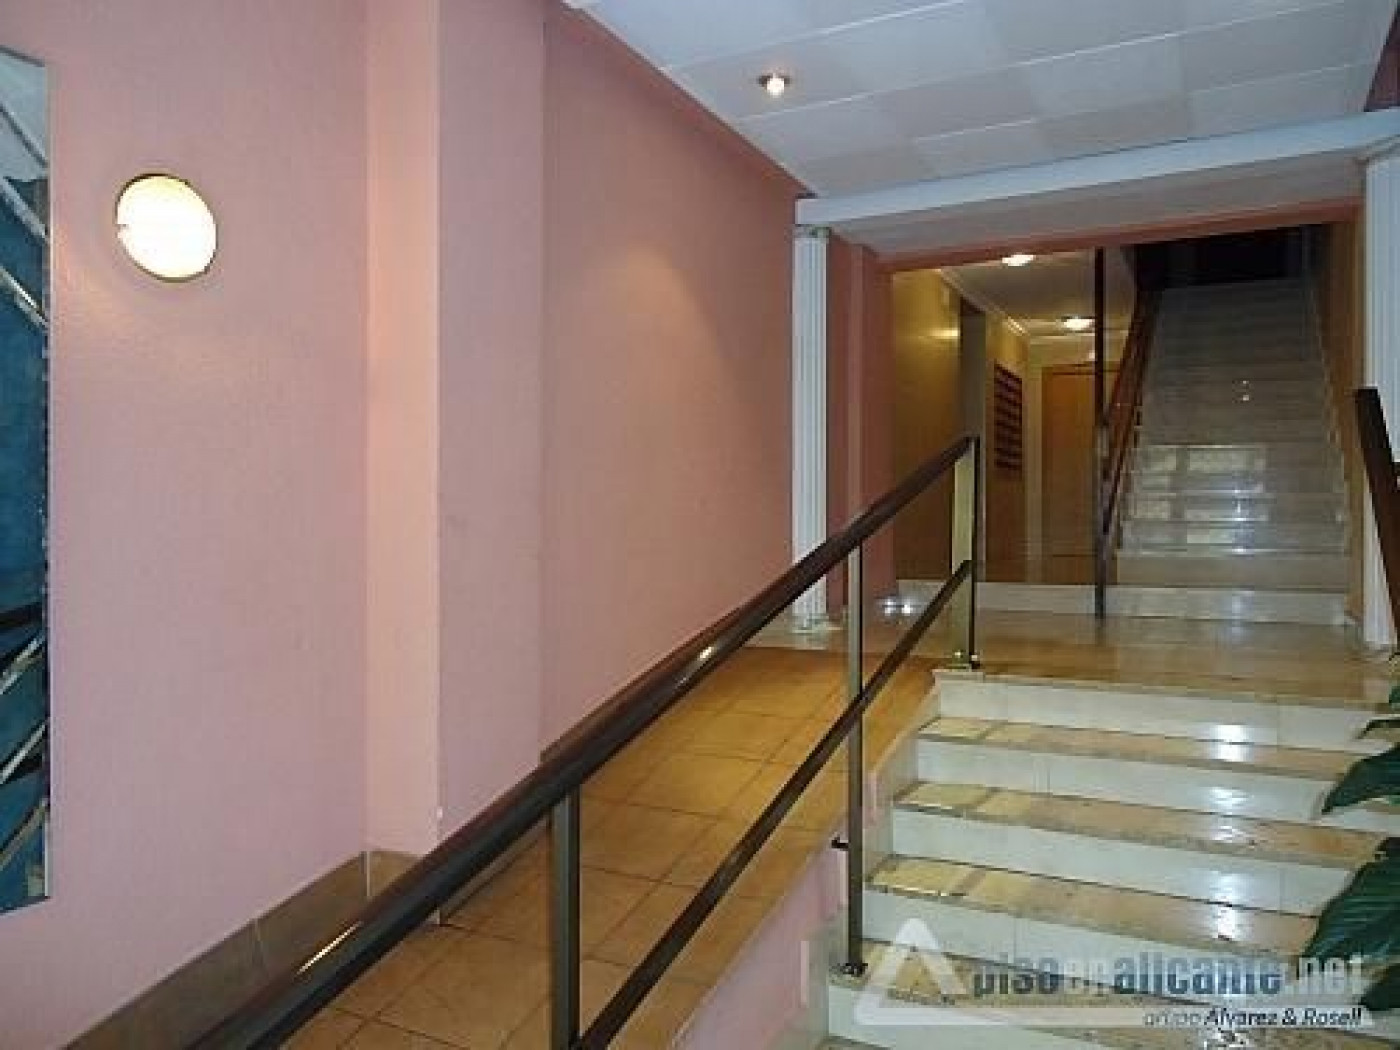 Alquiler de piso en alicante/alacant - imagenInmueble1